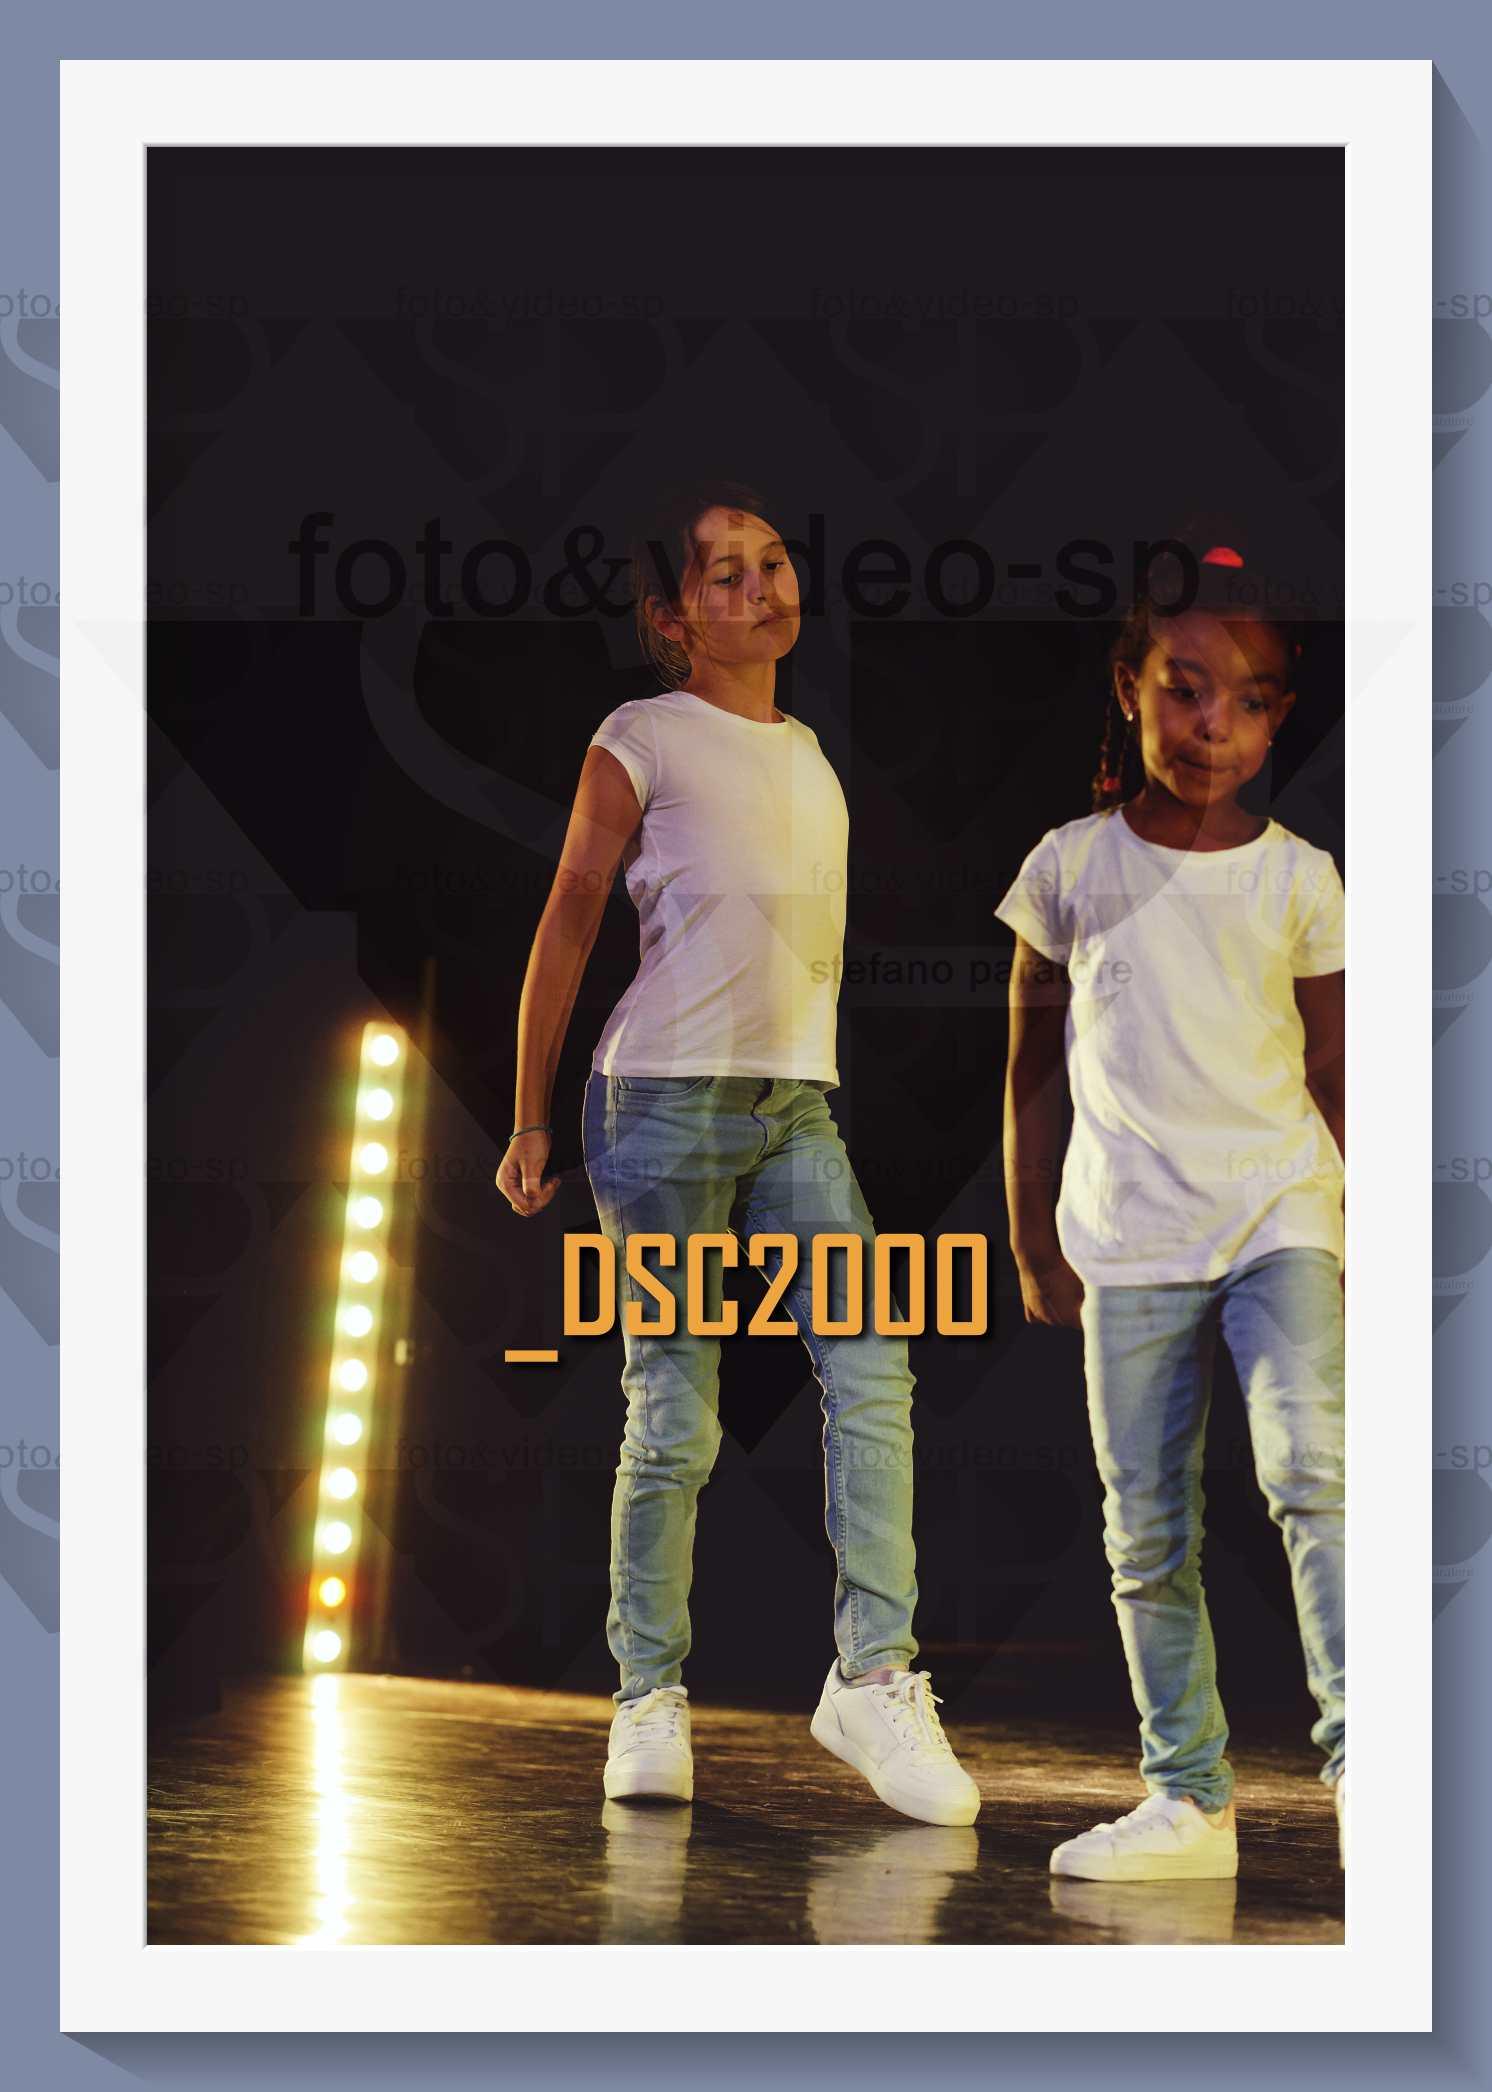 DSC2000